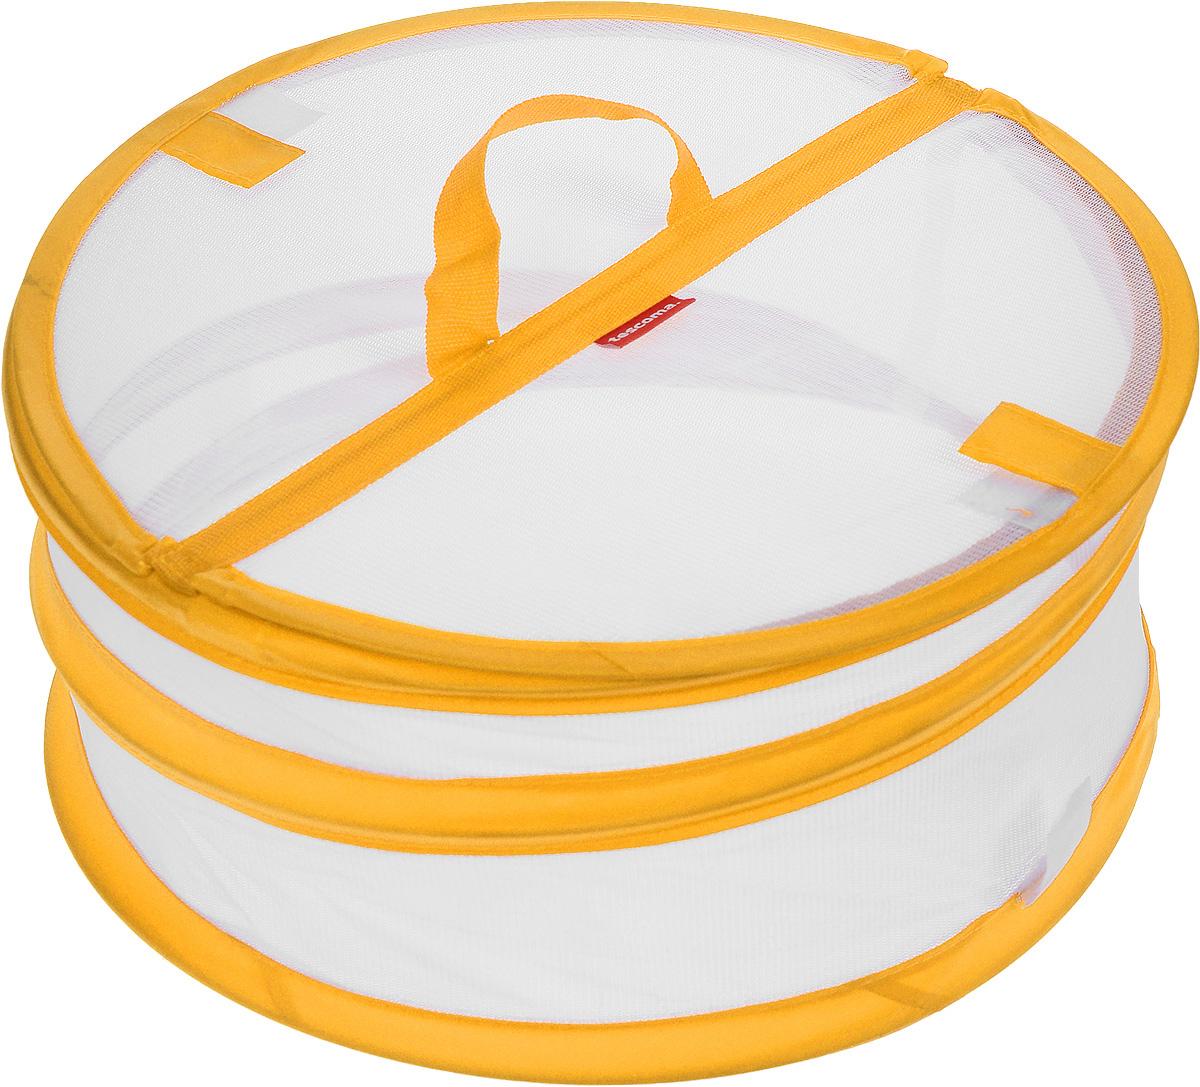 Крышка для пищевых продуктов Tescoma  Delicia , складная, цвет: белый, оранжевый, диаметр 30 см - Посуда для приготовления